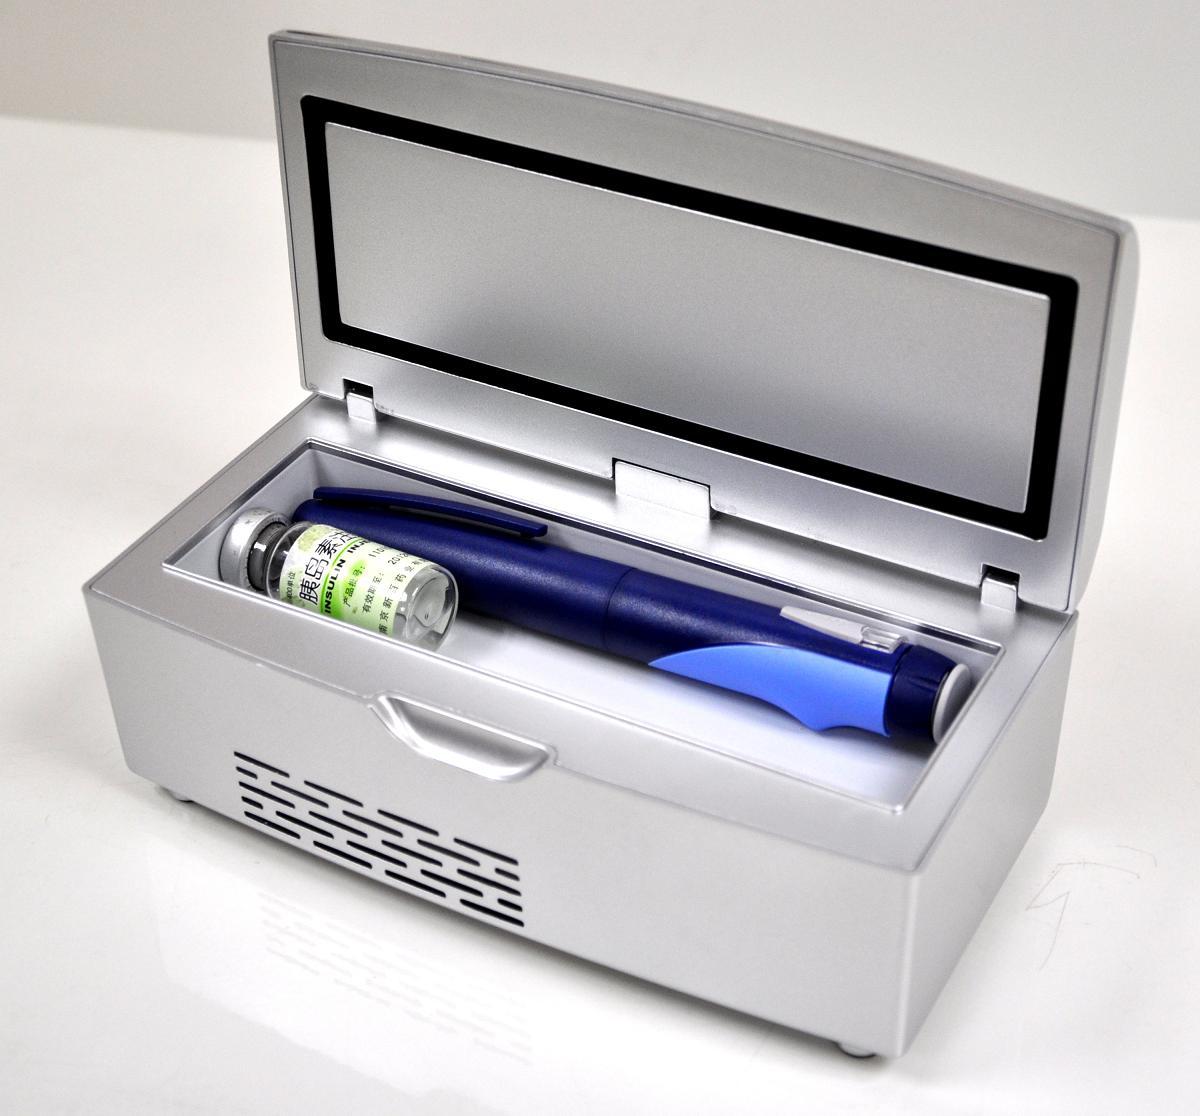 胰岛素小冰箱 近年来随着人们生活水平节奏加快、人口老龄化加速,高热量食物、运动量以及精神压力等因素的影响,国民健康受到了各方面的损害,很多原低发率的疾病(如糖尿病,心脑血管,各类病毒性传染病等)也渐渐的显现出来,在日常生活中就有了家庭对药品的储存与便携的要求。 有些药品对于储存温度要求很严格,必须是在2-8摄氏度之间的范围内保存,而且一部分患者需要随时随地携带,福意联便携式药品冷藏盒是专门针对这类药品而设计研发的,它使药品的冷藏和便携问题得到了圆满的解决。在环境温度32的情况下,冷藏盒内部依然可以达到2